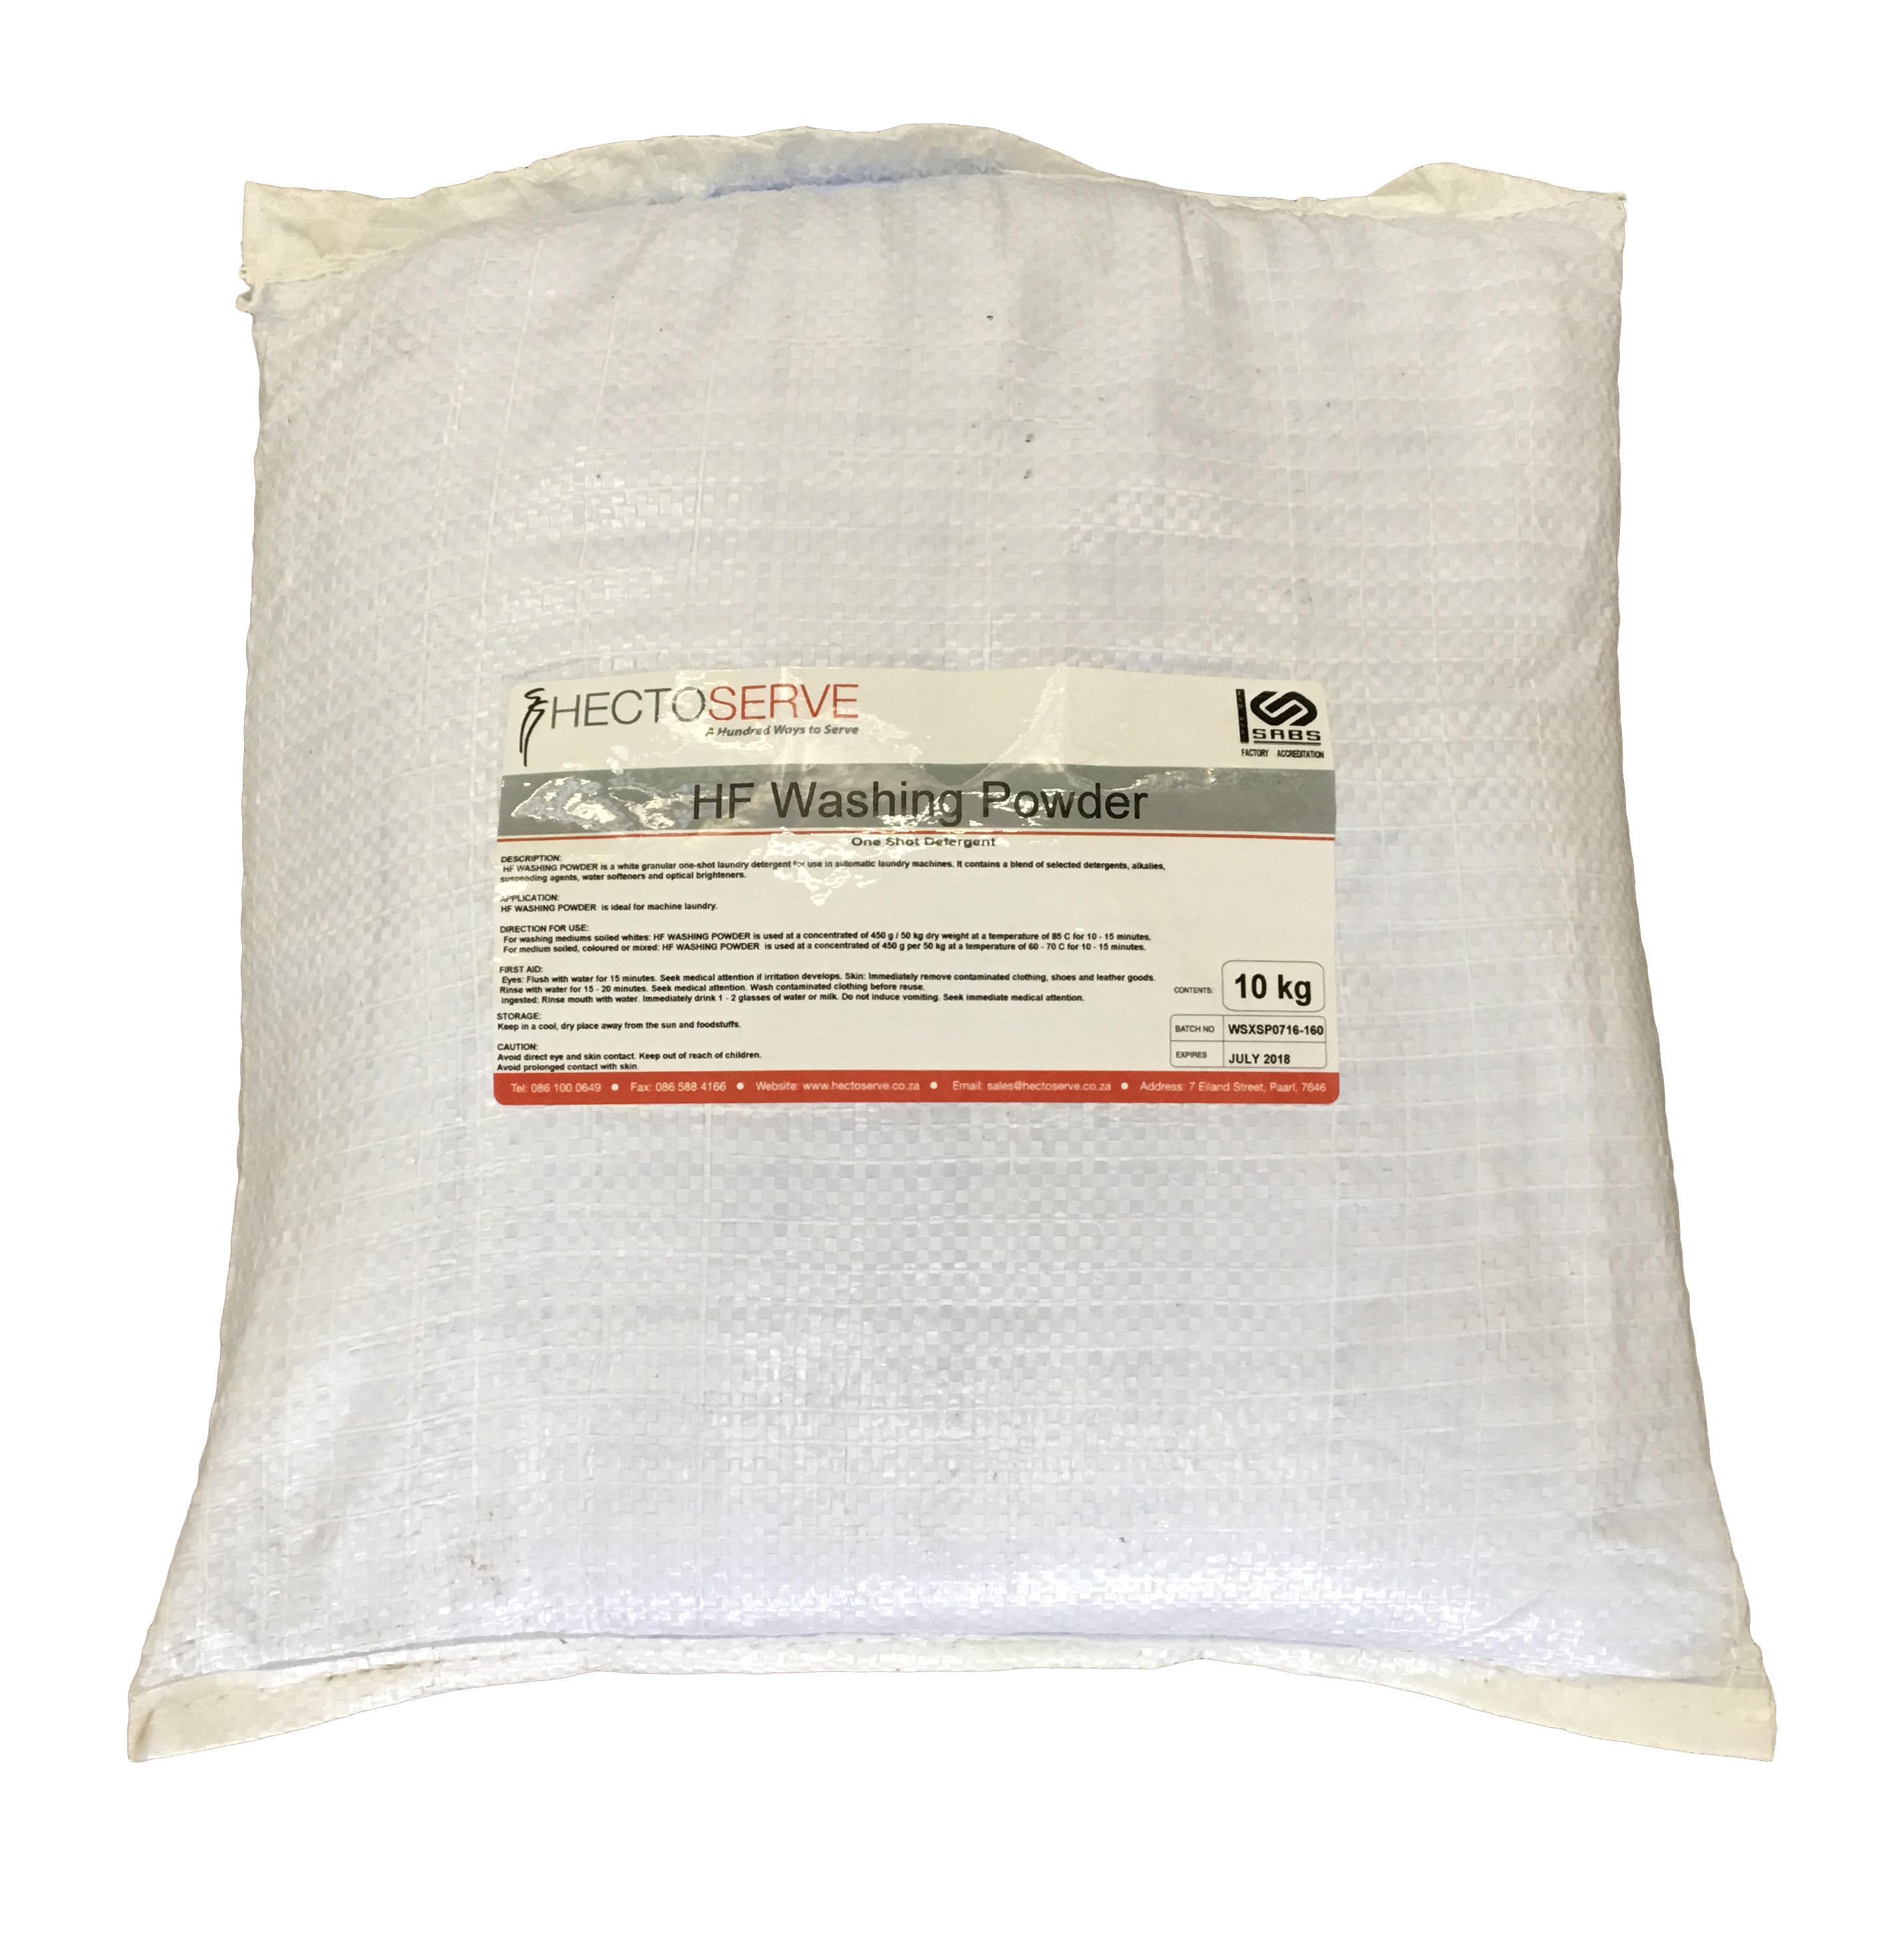 Hectoserve High Foam Washing Powder